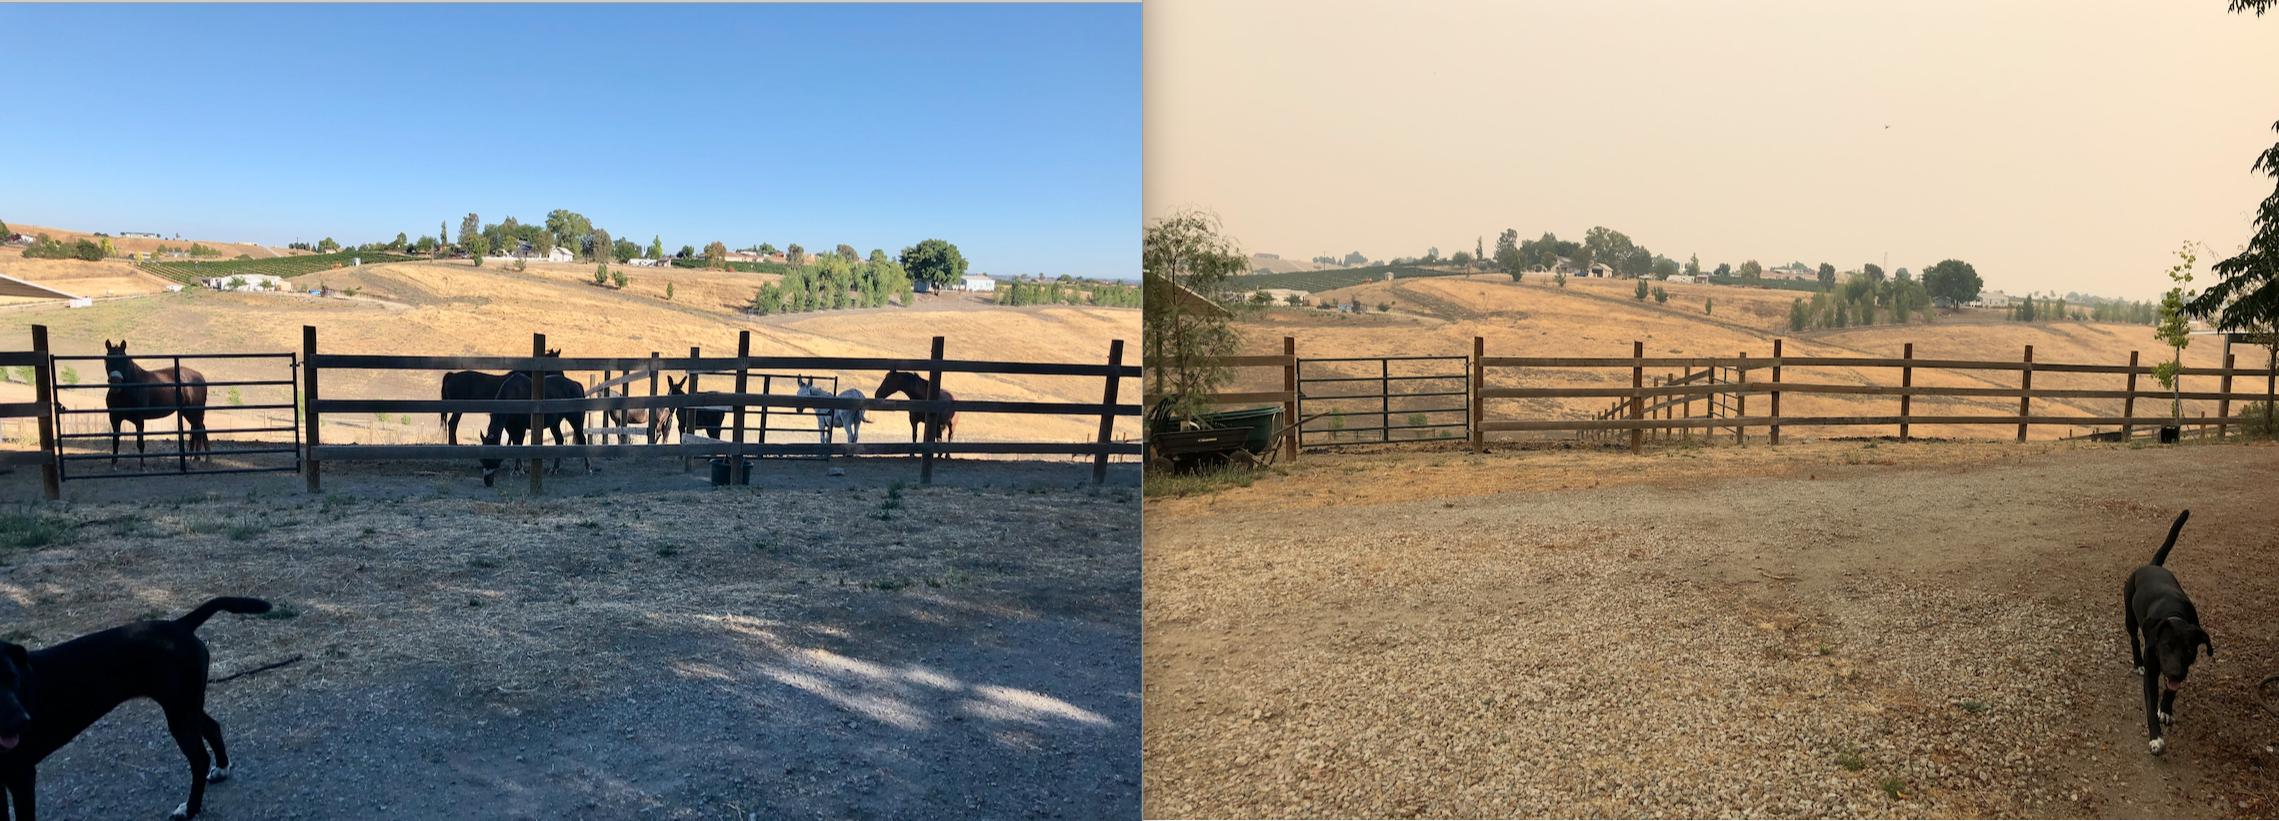 CALIFÓRNIA está em chamas. Nós estamos bem. 4